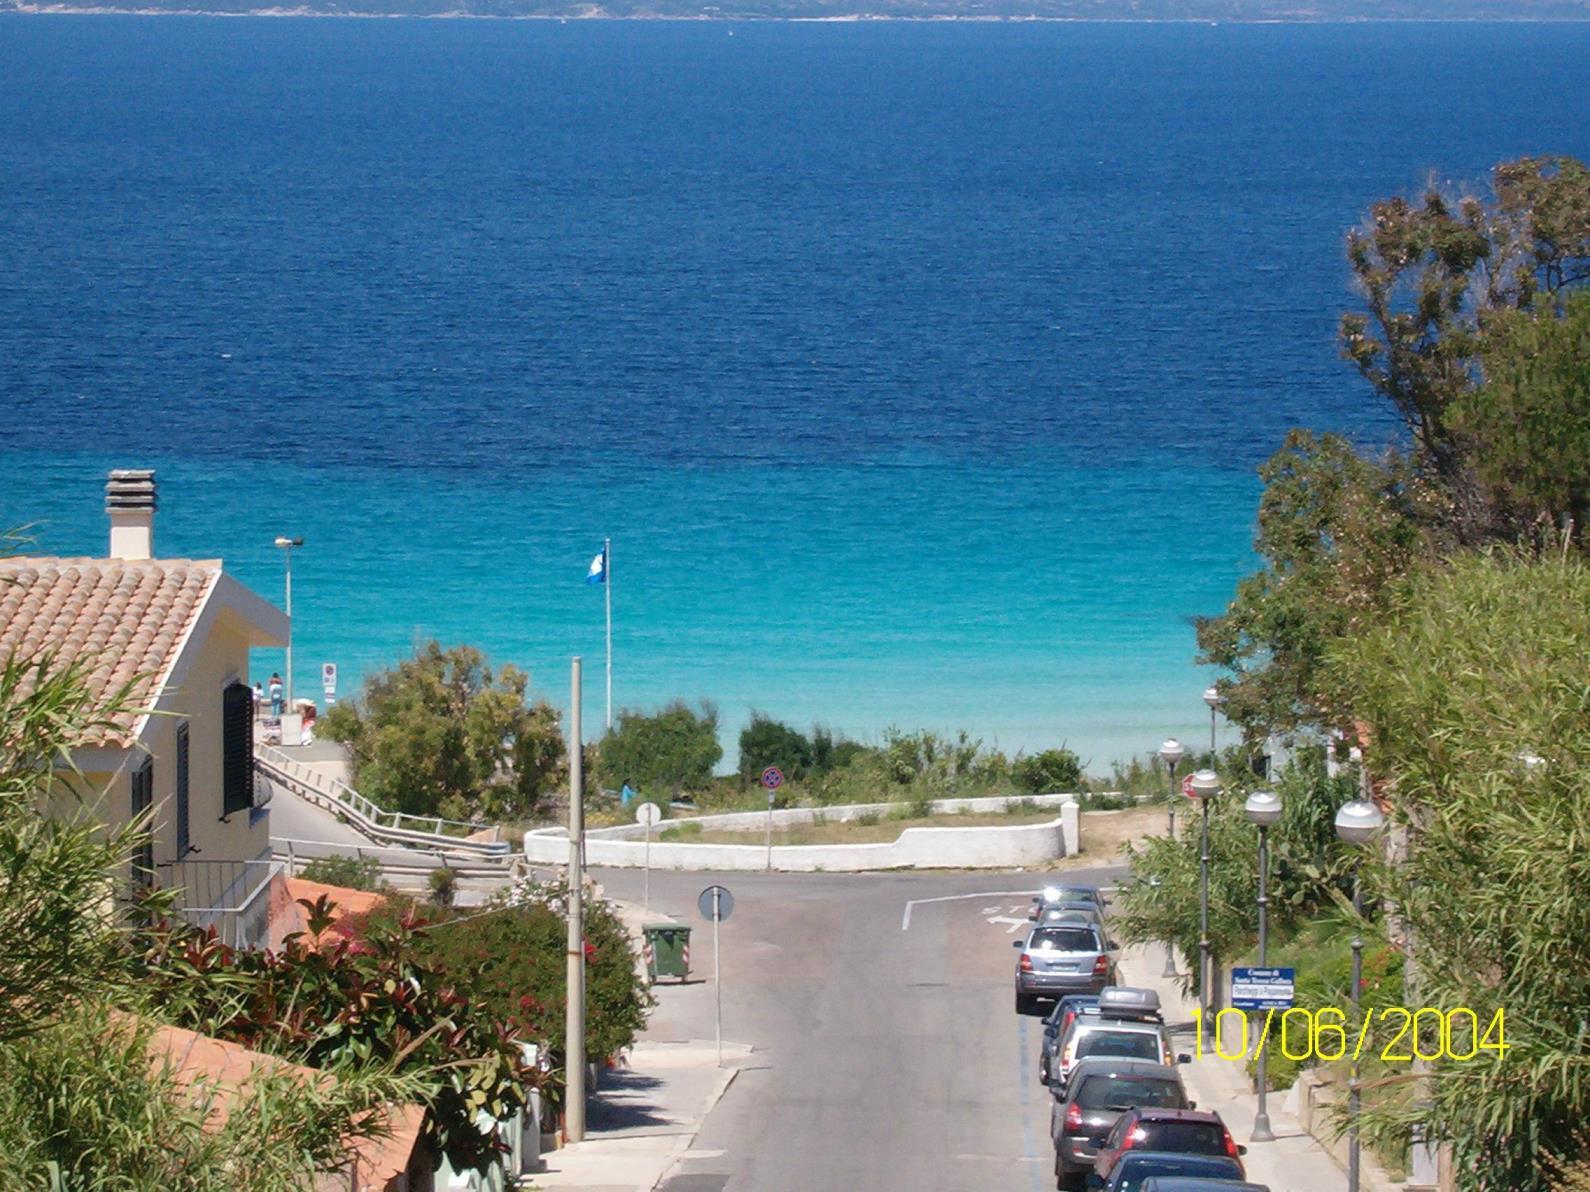 Casa Azzurra 100m Spiaggia Rena Bianca Santa Teresa Gallura